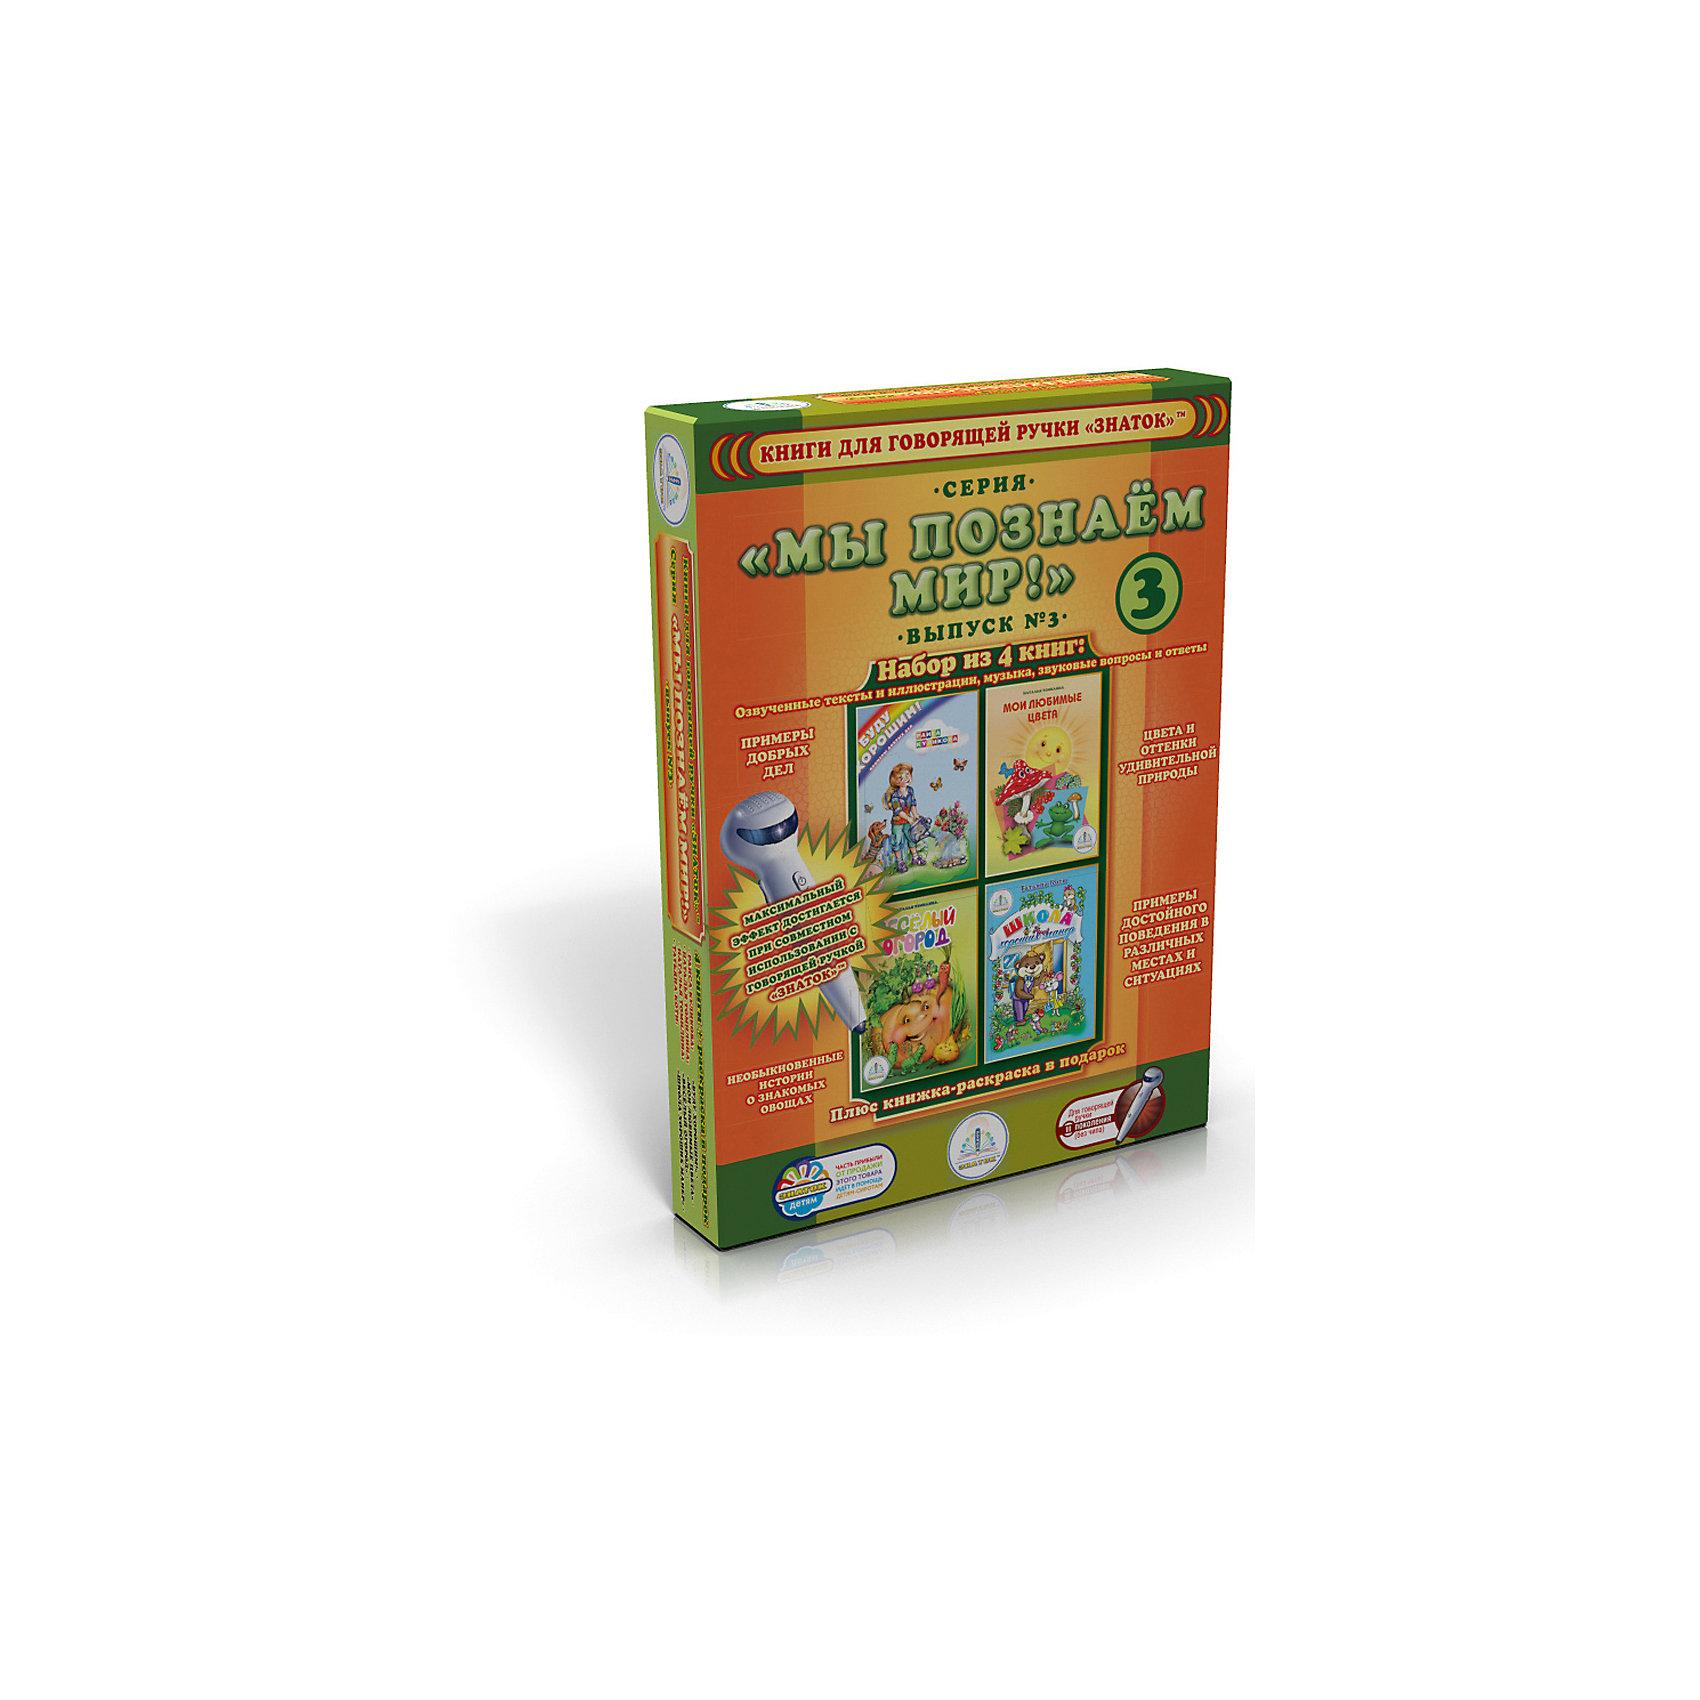 Набор книг для говорящей ручки Познаем мир 3Говорящие ручки с книгами<br>Набор книг для говорящей ручки Познаем мир 3, Знаток<br><br>Характеристики:<br><br>• расскажет ребенку о правилах поведения, хороших манерах, цветах и растениях, растущих в огороде<br>• стихи и тексты озвучены<br>• можно проверить полученные знания с помощью экзамена<br>• интересные дополнения к стихам<br>• в комплекте 4 книги: Мои любимые цвета, Буду хорошим, Веселый огород, Школа хороших манер<br>• Авторы: Наталья Томилина, Раиса Куликова, Татьяна Коти<br>• ISBN: 9785424400285<br>• размер упаковки: 26,5х3,5х19,5 см<br>• вес: 1300 грамм<br><br>Набор книг Познаем мир. Выпуск 3 познакомит вашего ребенка с хорошими манерами, правилами поведения, цветах и растениях из огорода. С помощью Говорящей ручки Знаток малыш прослушает веселые стихи, рассказы и дополнения. Звуковой экзамен поможет ребенку закрепить свои знания. С этой ручкой ваш ребенок легко и с интересом узнает больше об окружающем мире!<br><br>Набор книг для говорящей ручки Познаем мир 3, Знаток можно купить в нашем интернет-магазине.<br><br>Ширина мм: 195<br>Глубина мм: 35<br>Высота мм: 265<br>Вес г: 1300<br>Возраст от месяцев: 36<br>Возраст до месяцев: 84<br>Пол: Унисекс<br>Возраст: Детский<br>SKU: 5296324